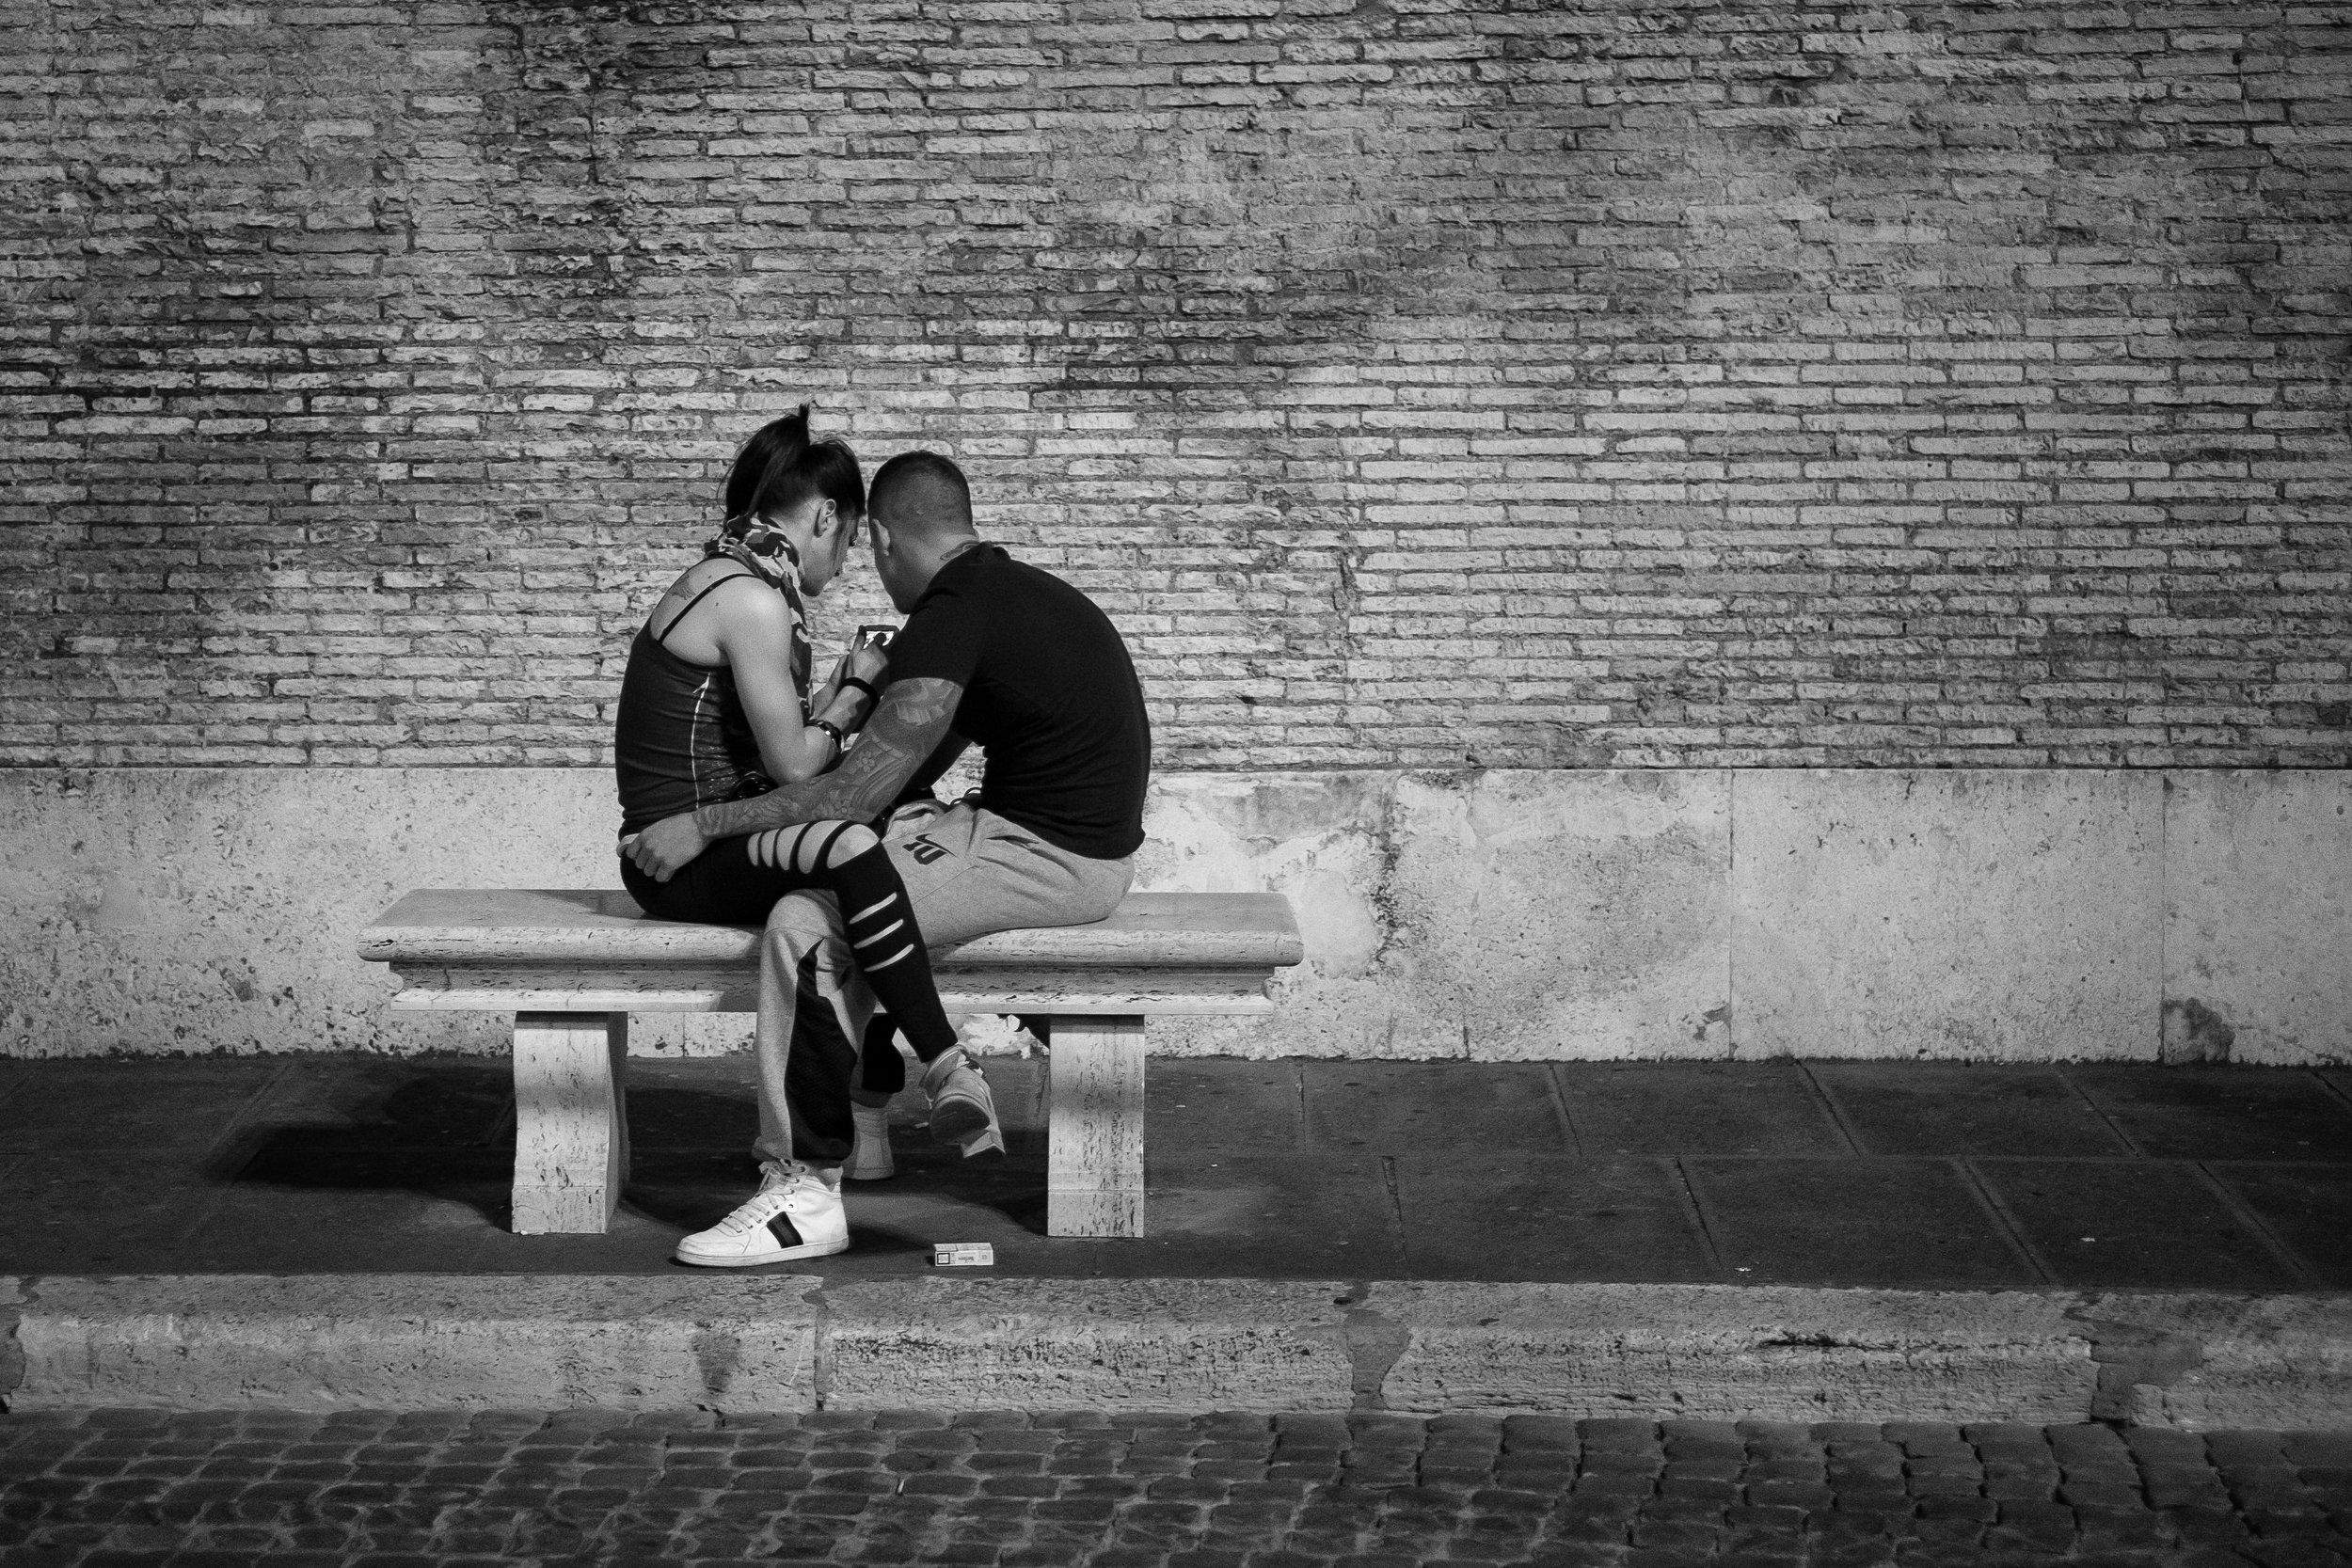 Rome, Italy. 2013